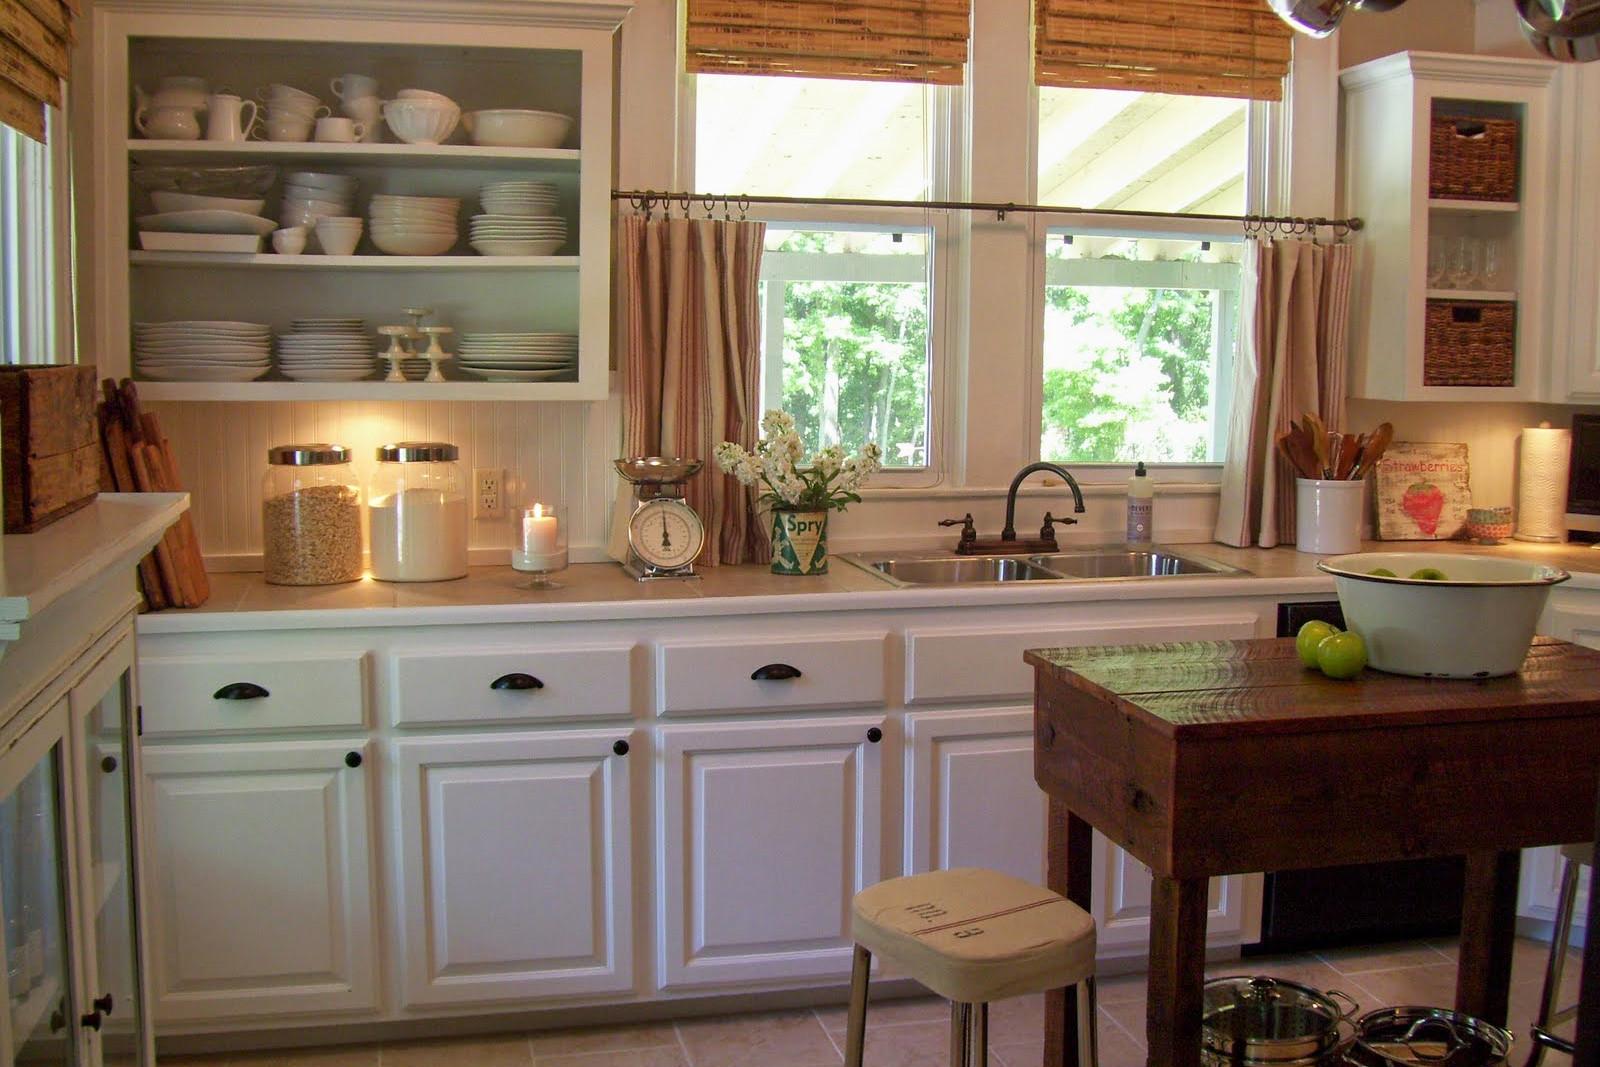 Kitchen Remodeling Budgets  DIY Kitchen Remodel